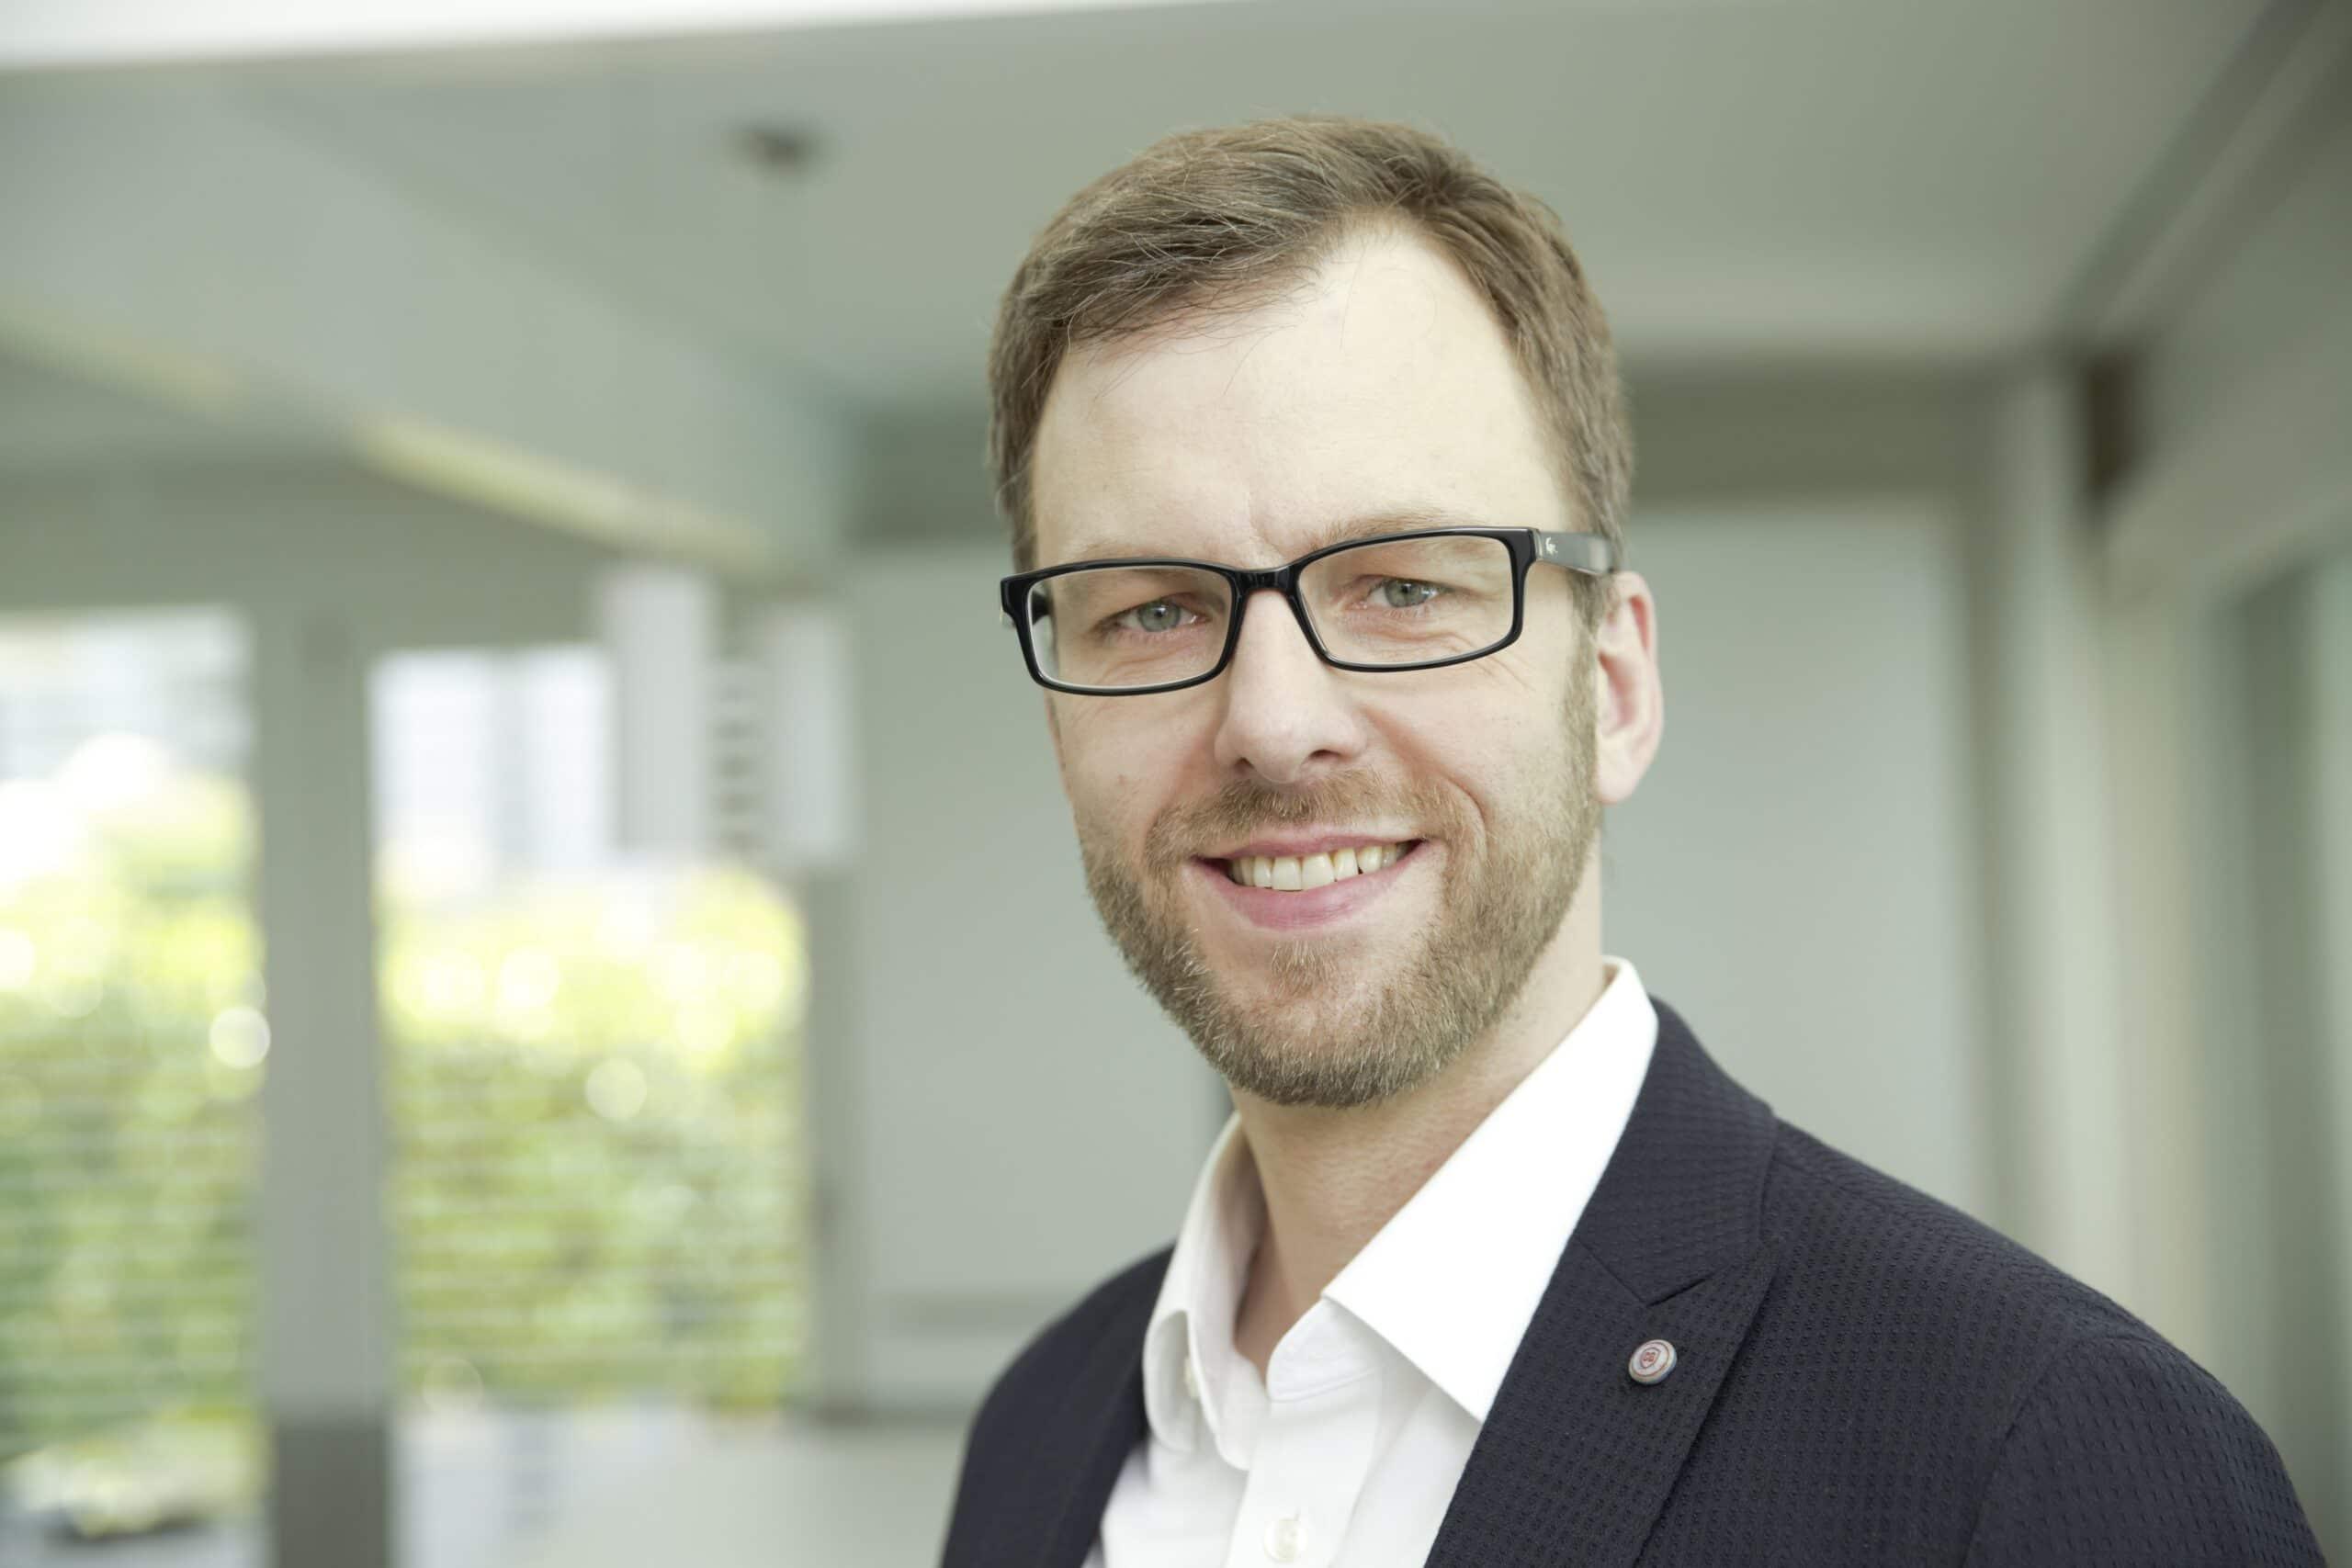 Alexander Markwirt